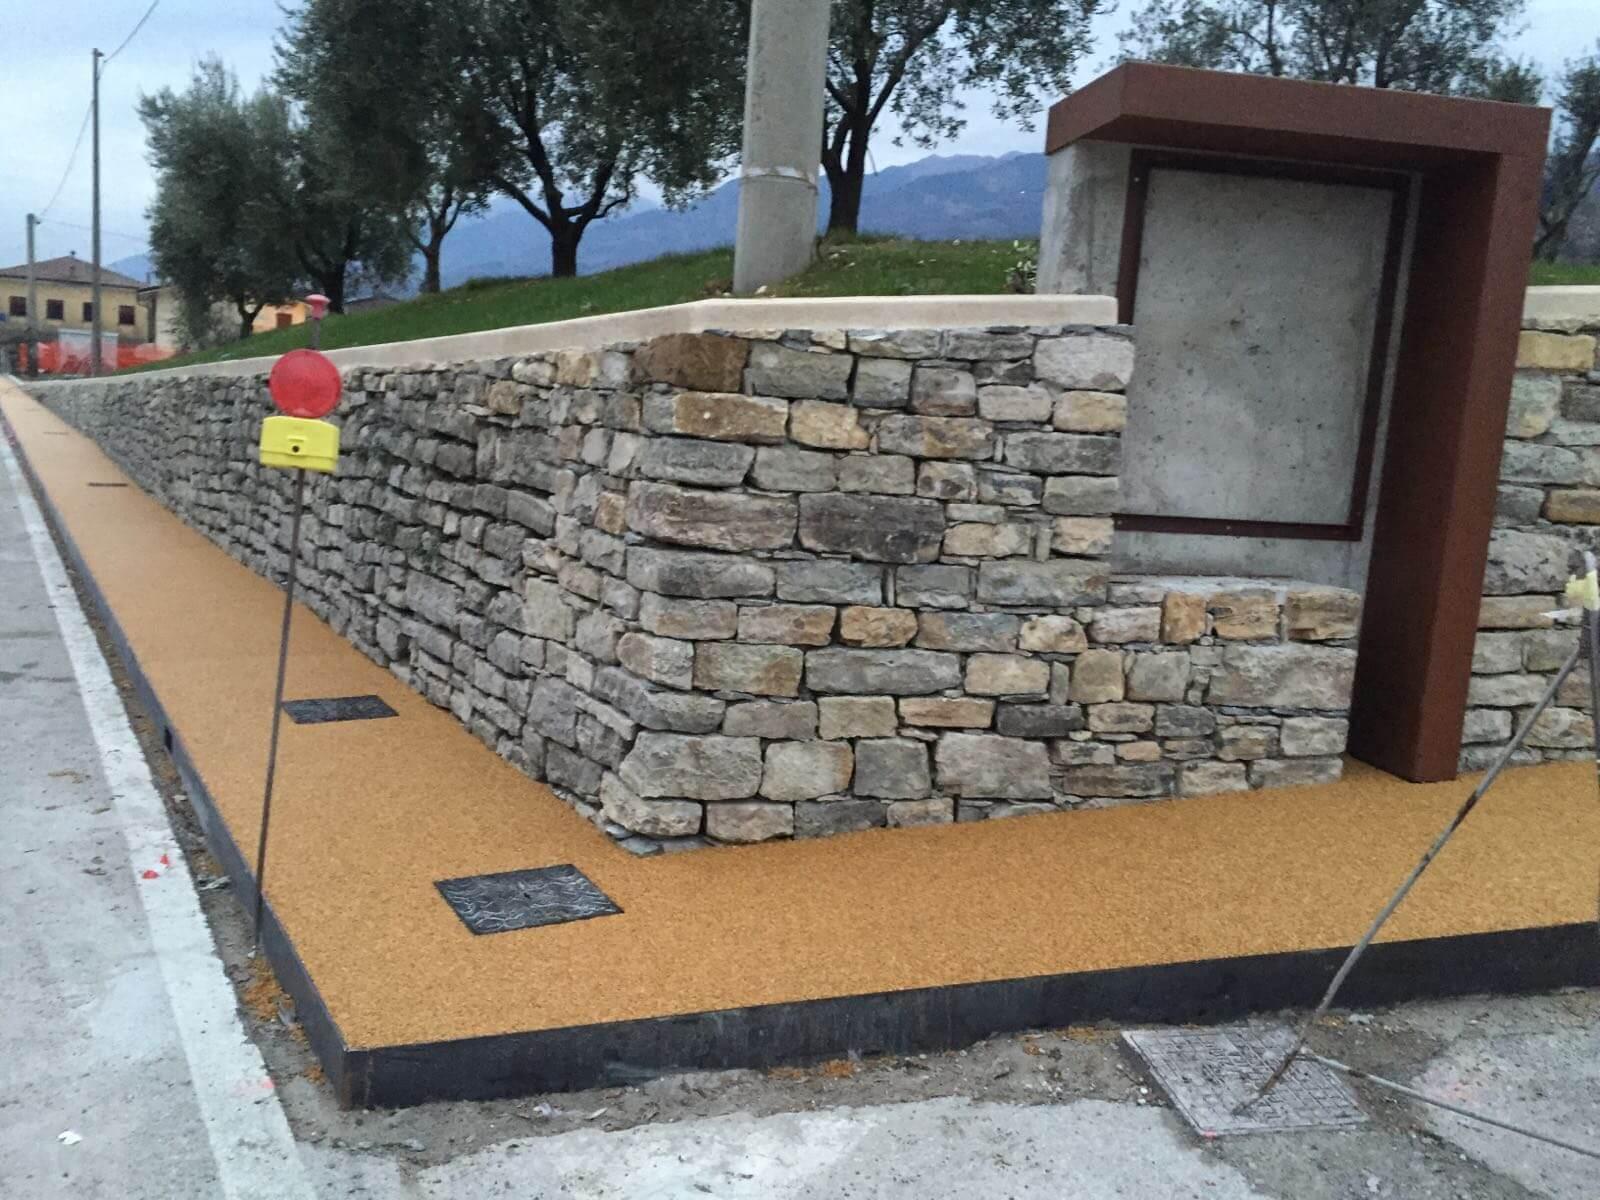 pavimentazione esterni in dry stone per marciapiede